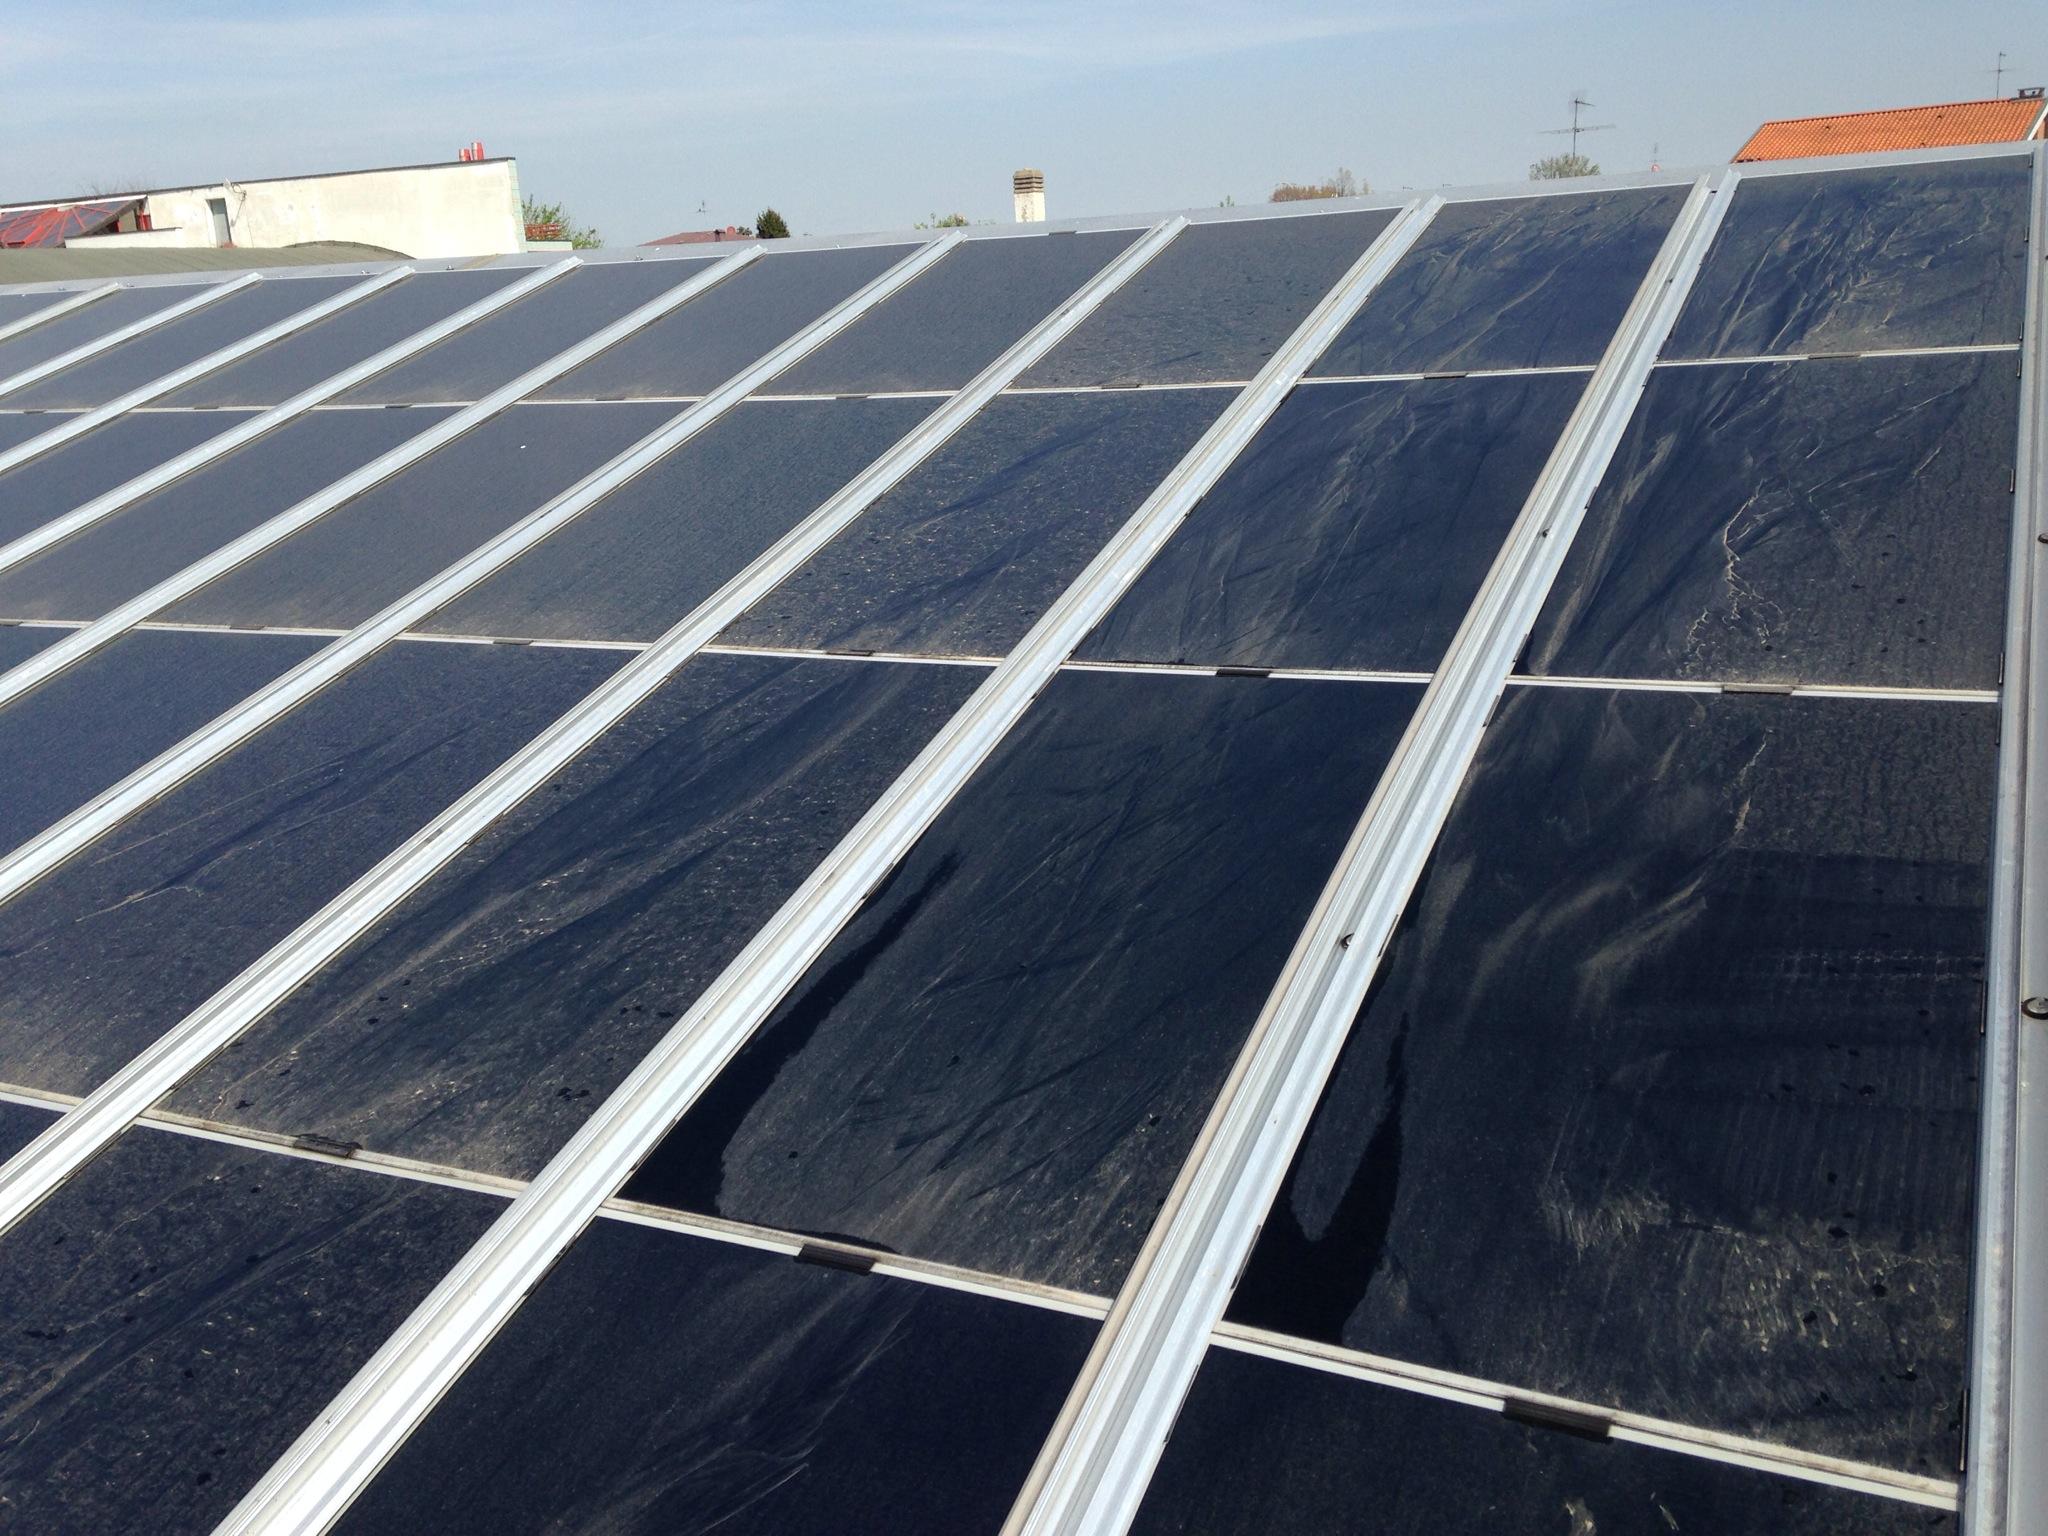 Azienda pulizia pannelli fotovoltaici 72